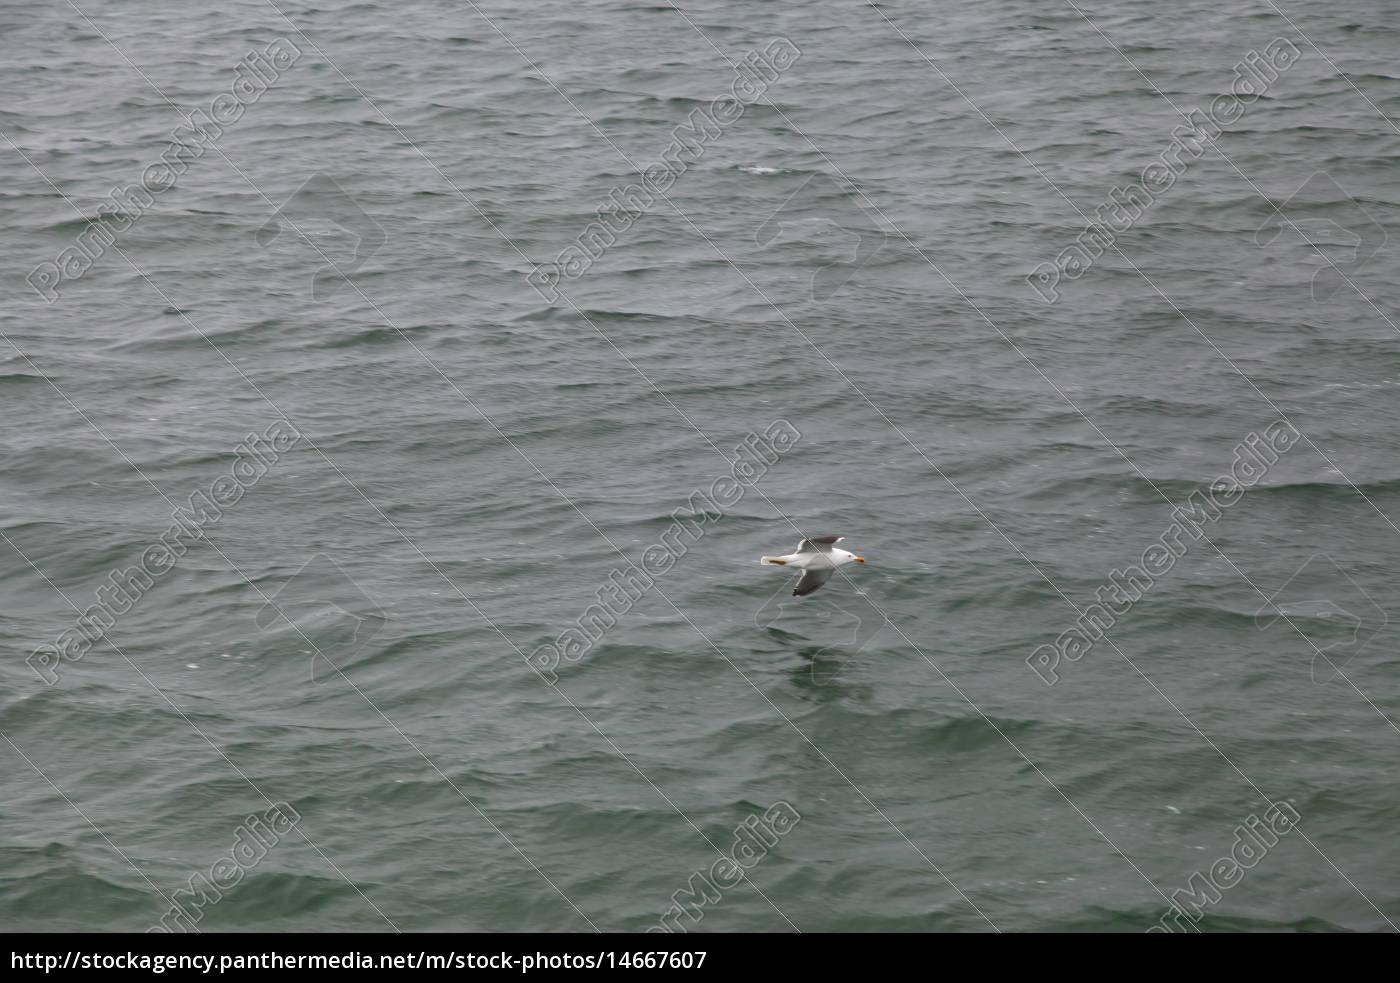 vuelo, animal, pájaro, de agua, mar del norte, de agua salada - 14667607